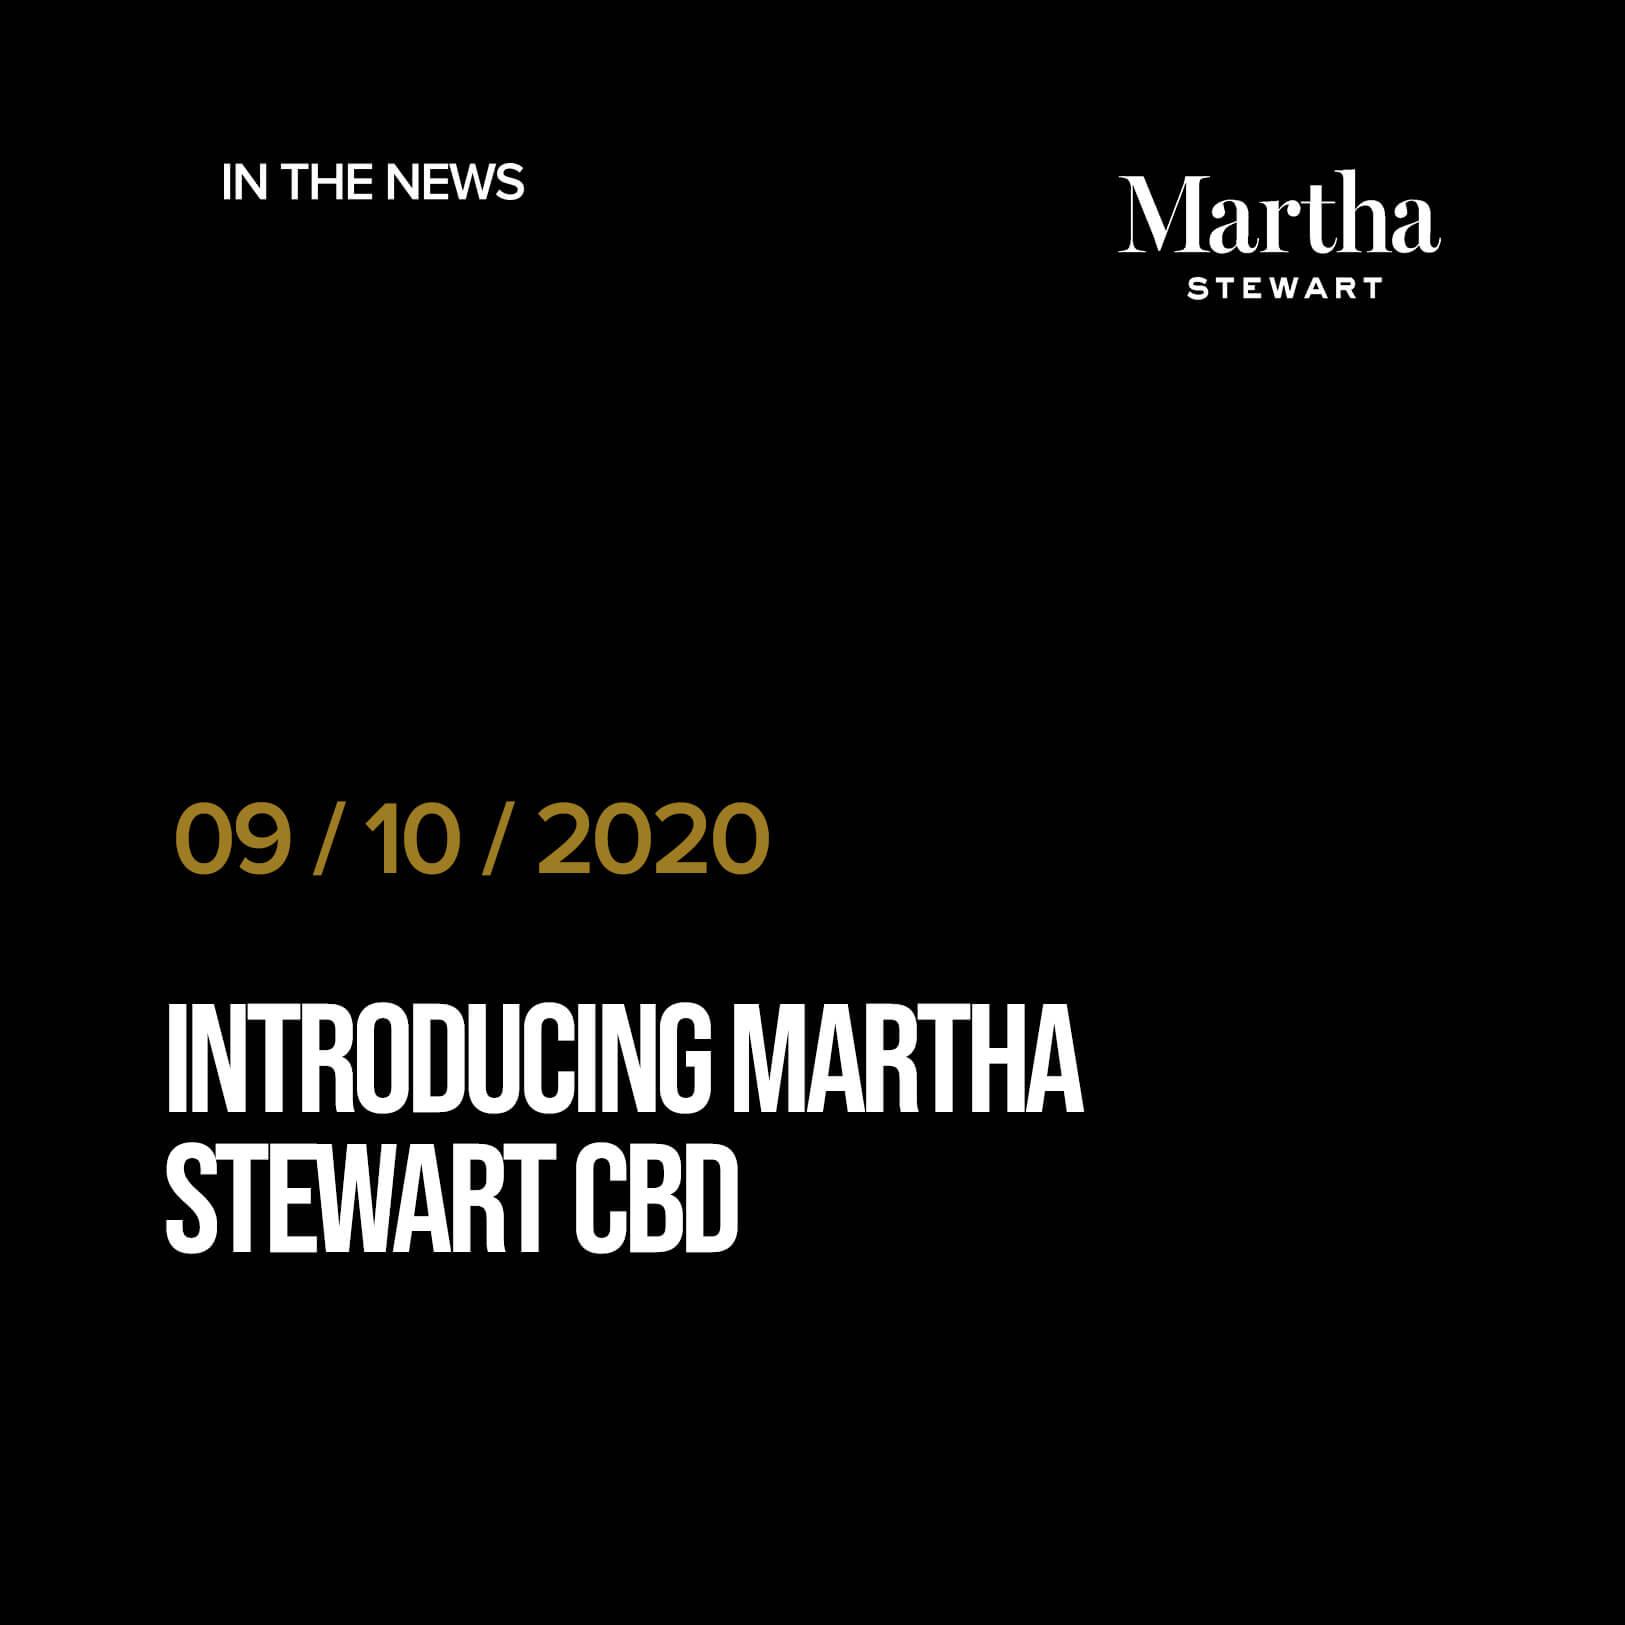 Introducing Martha Stewart CBD